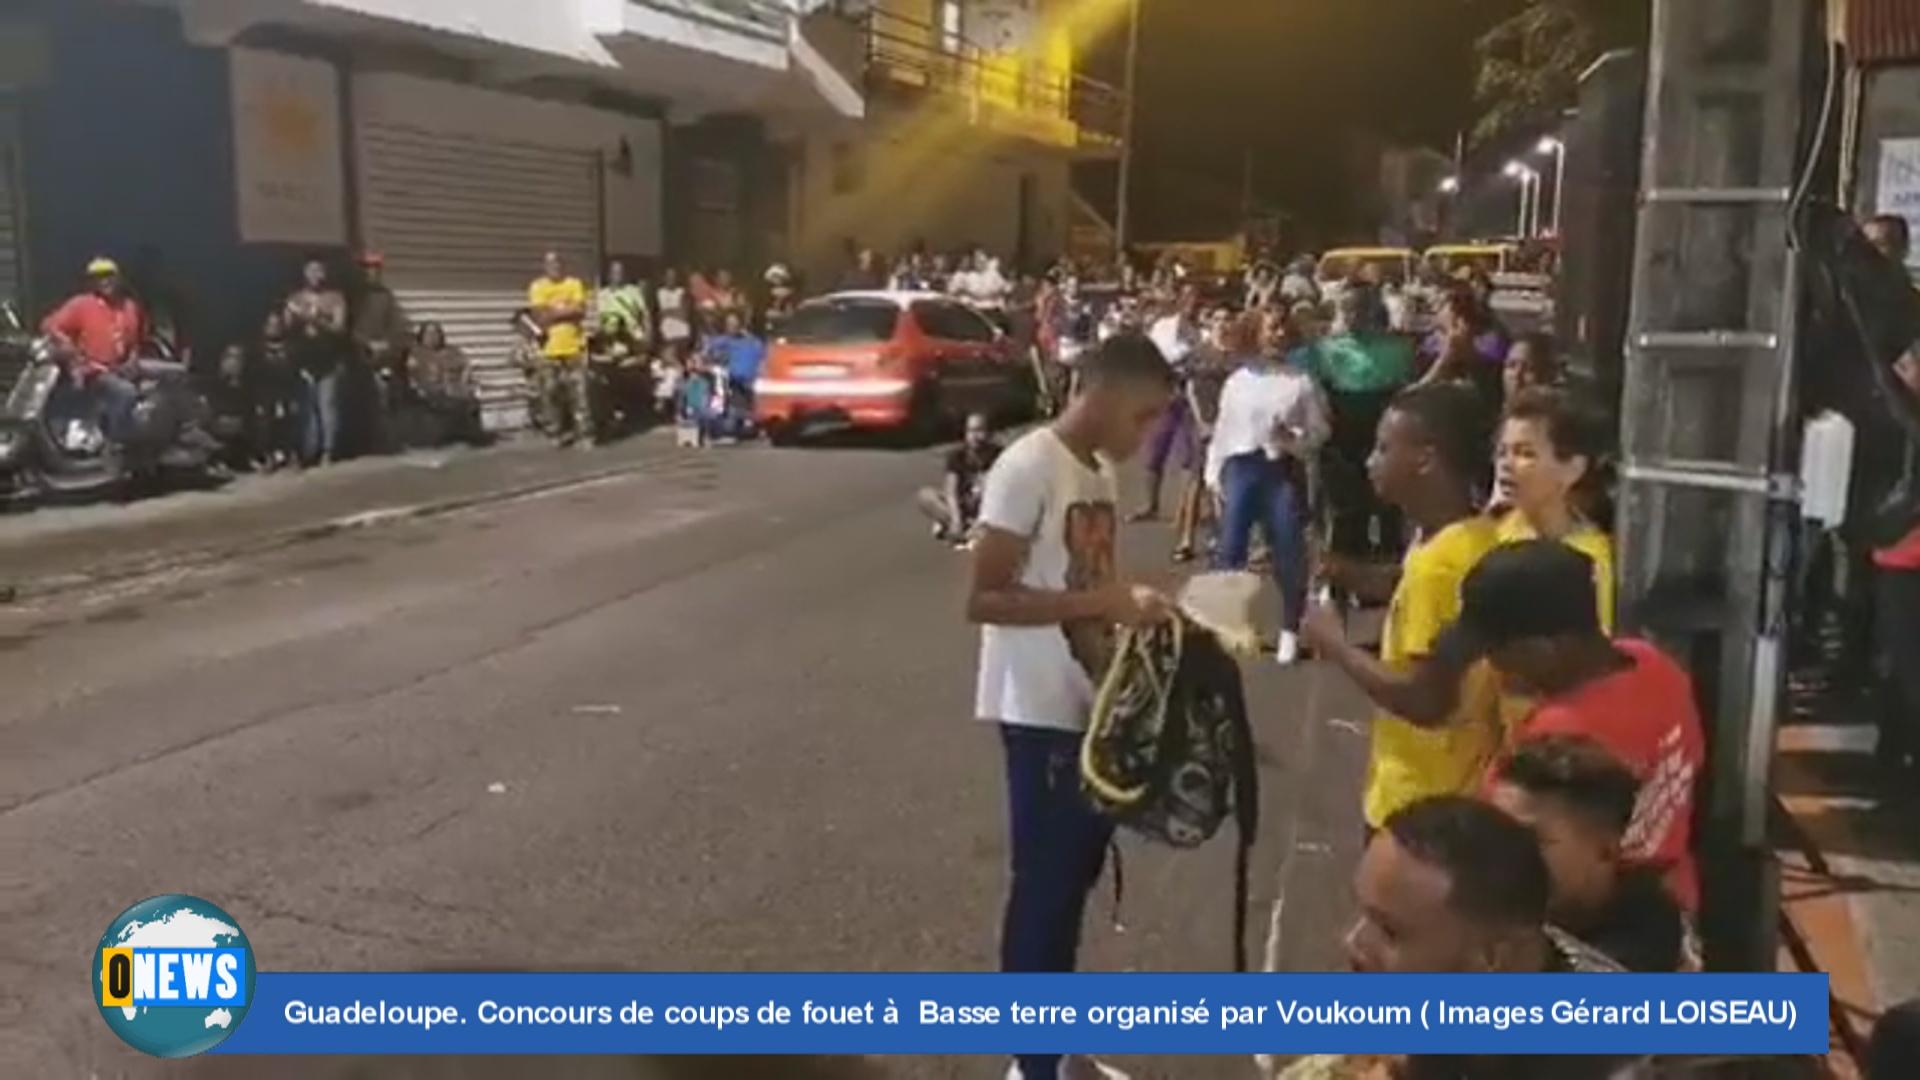 [Vidéo] Onews Guadeloupe Concours de coups de fouet à Basse terre organisé par Voukoum (Images Gérard LOISEAU)